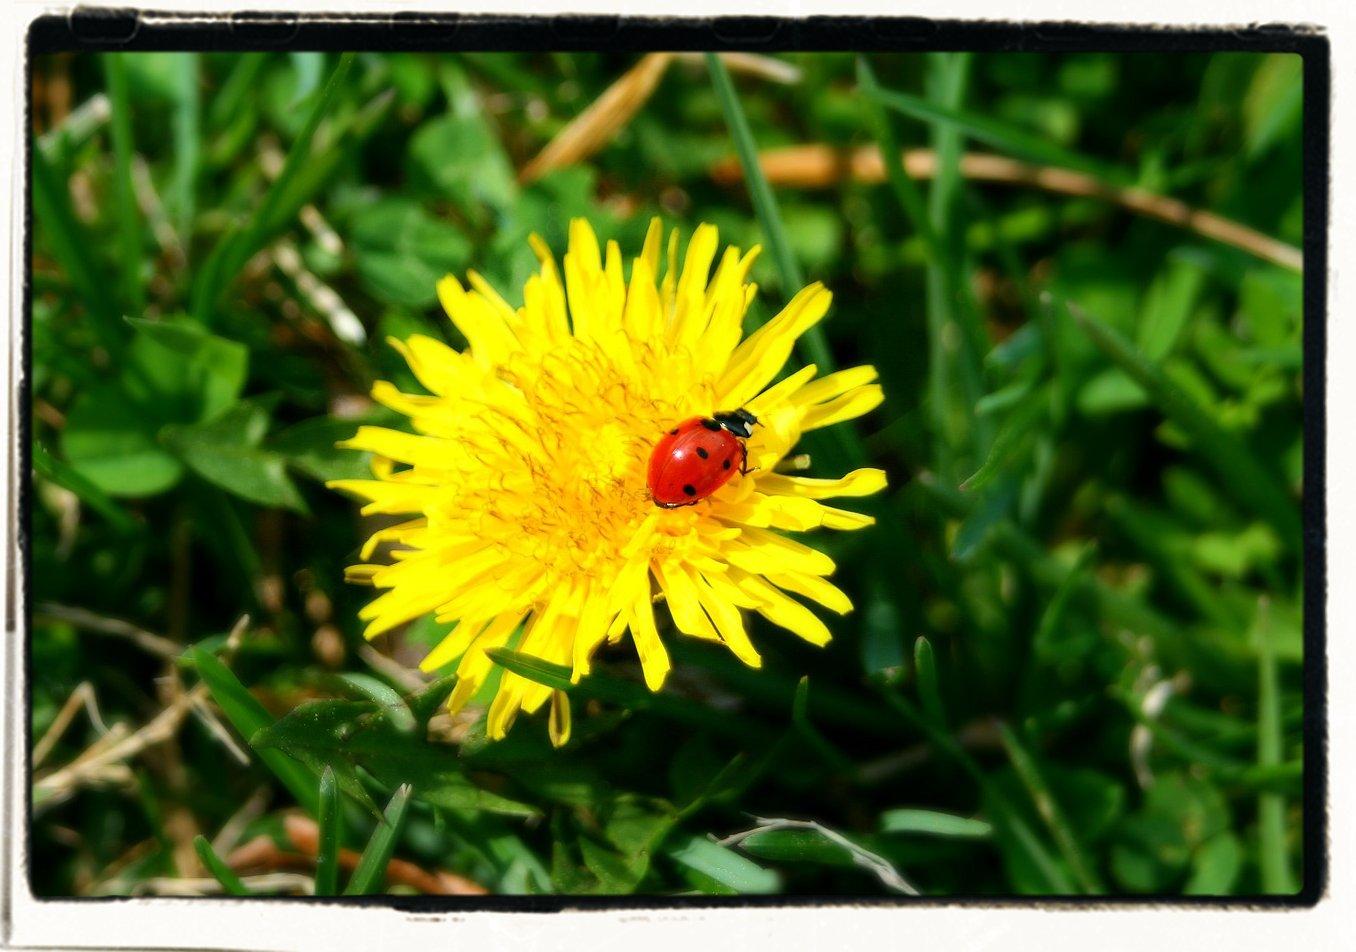 lady bug on a dandelion